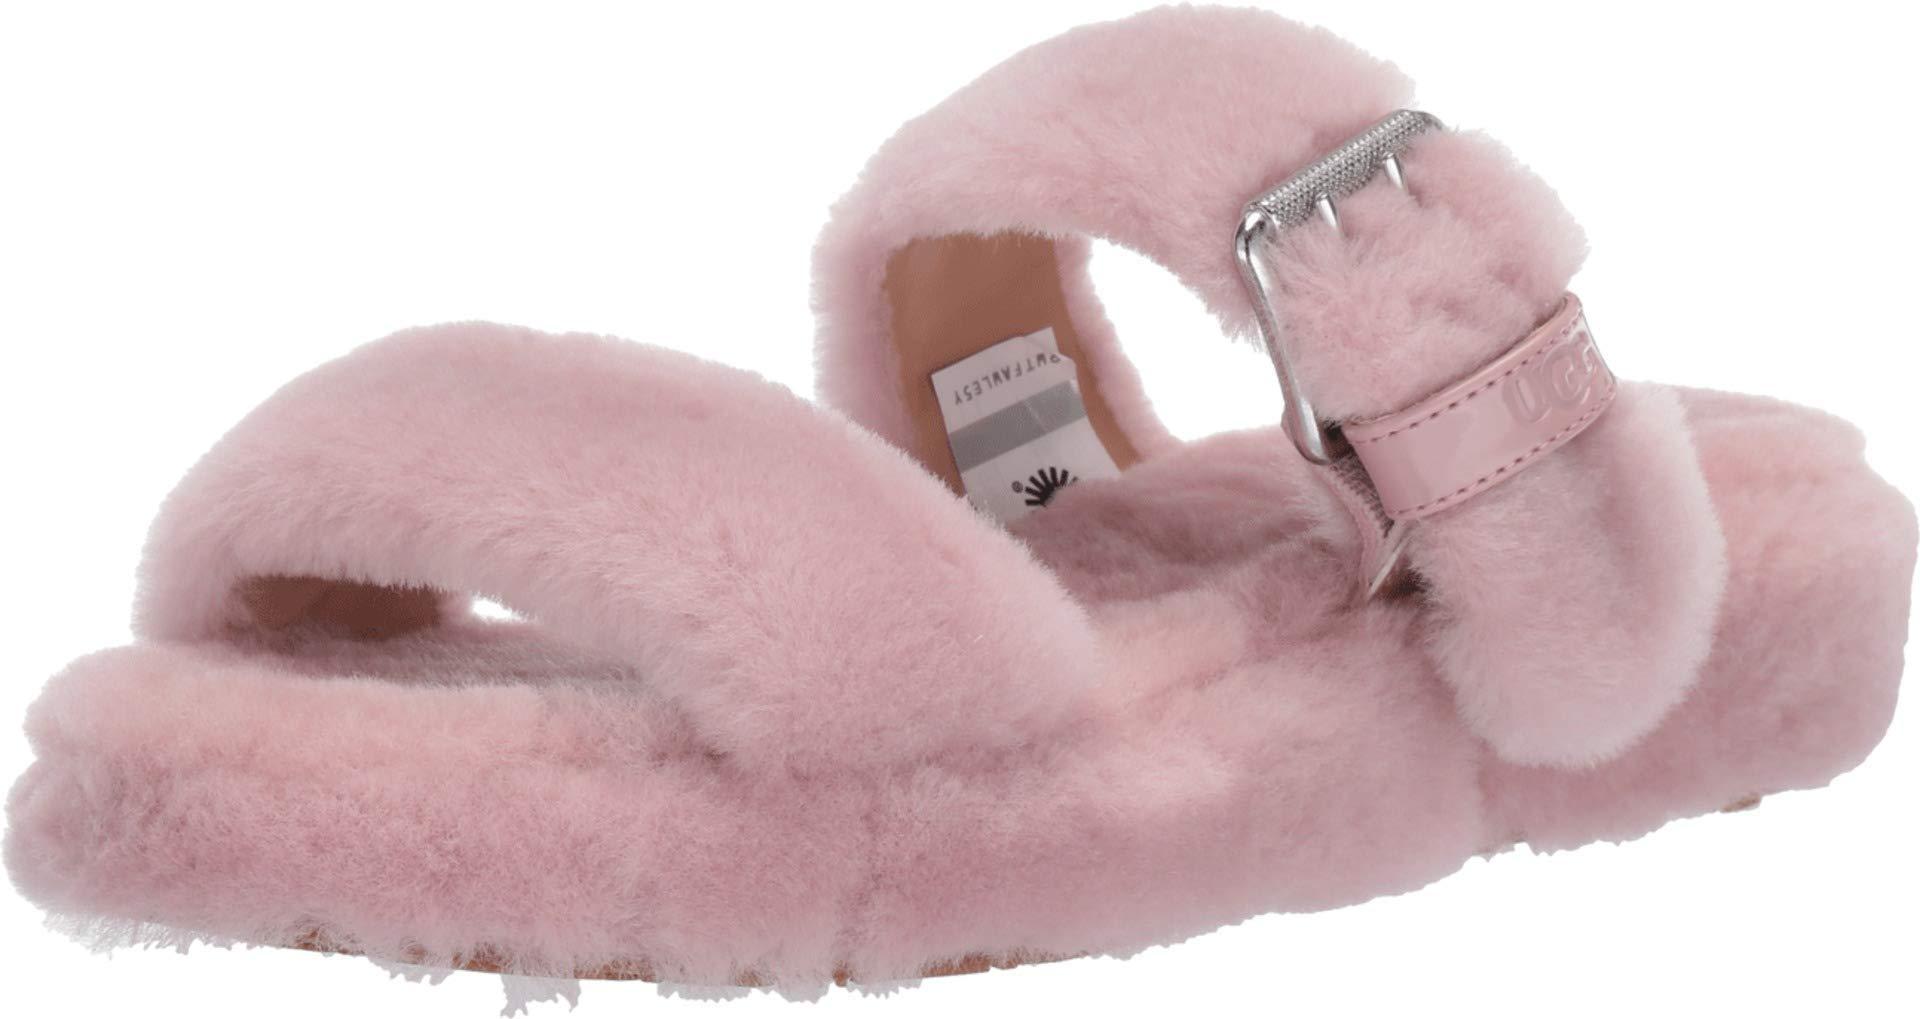 ویکالا · خرید  اصل اورجینال · خرید از آمازون · UGG Women's Fuzz Yeah Wedge Sandal, Pink Crystal, 7 M US wekala · ویکالا